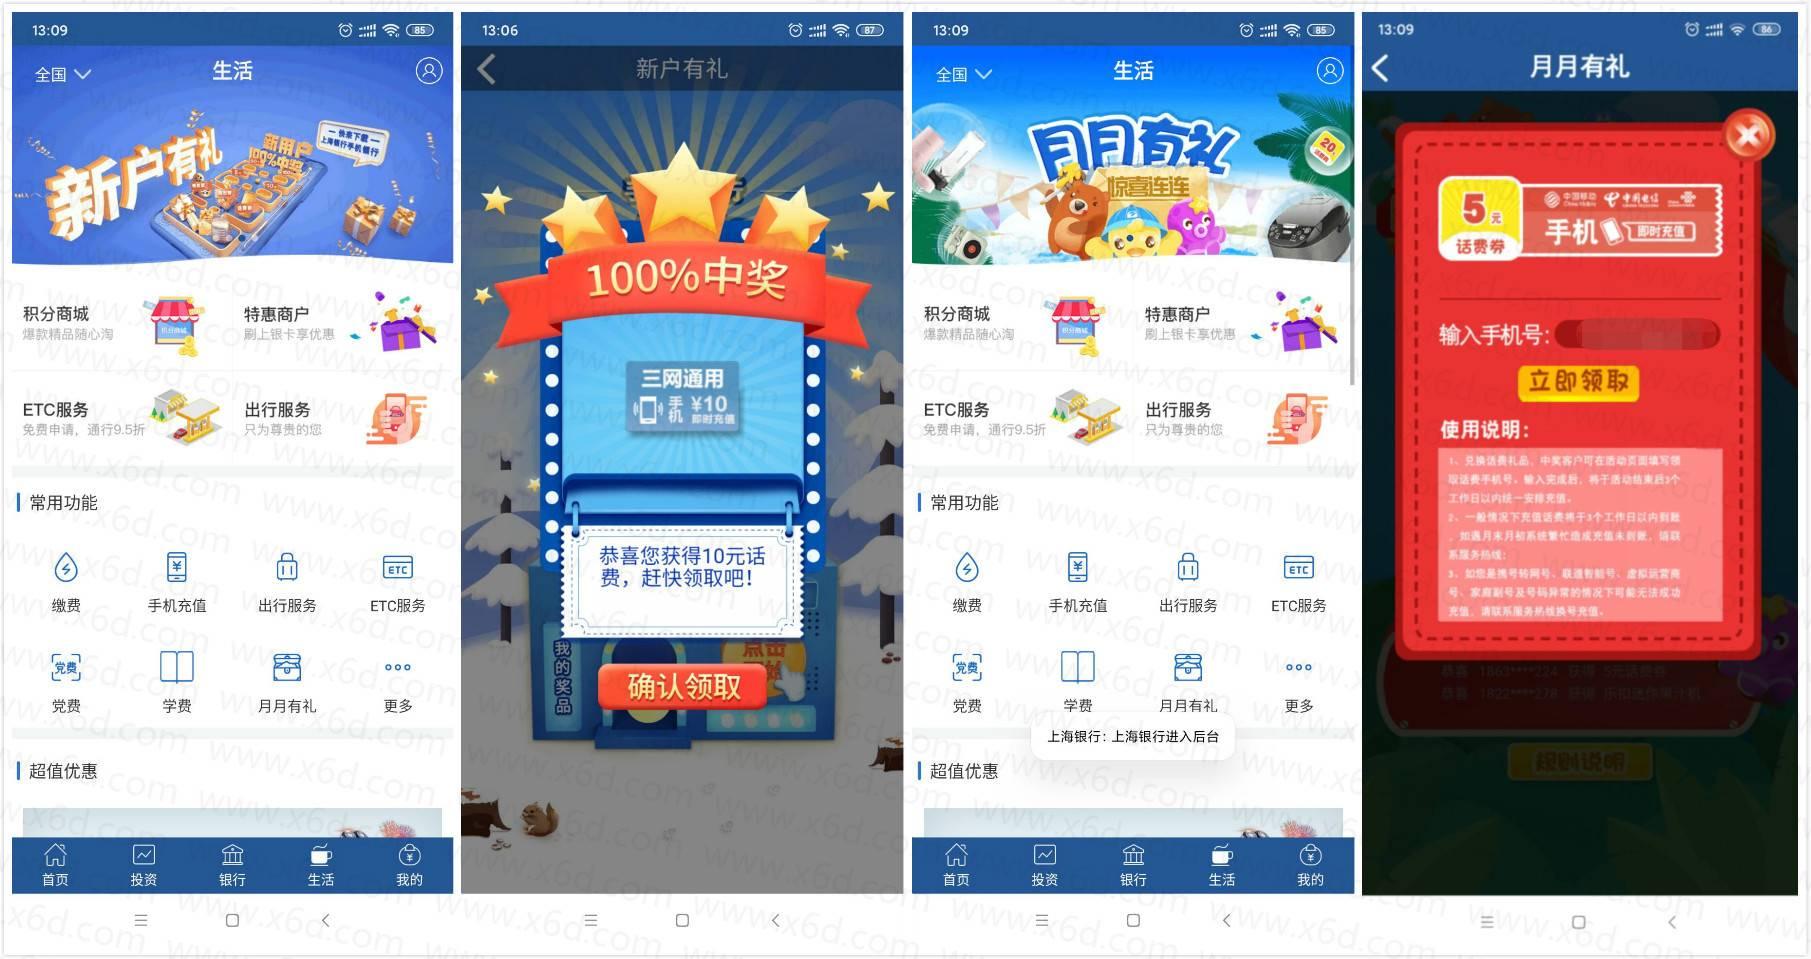 上海银行新注册抽5~100元话费